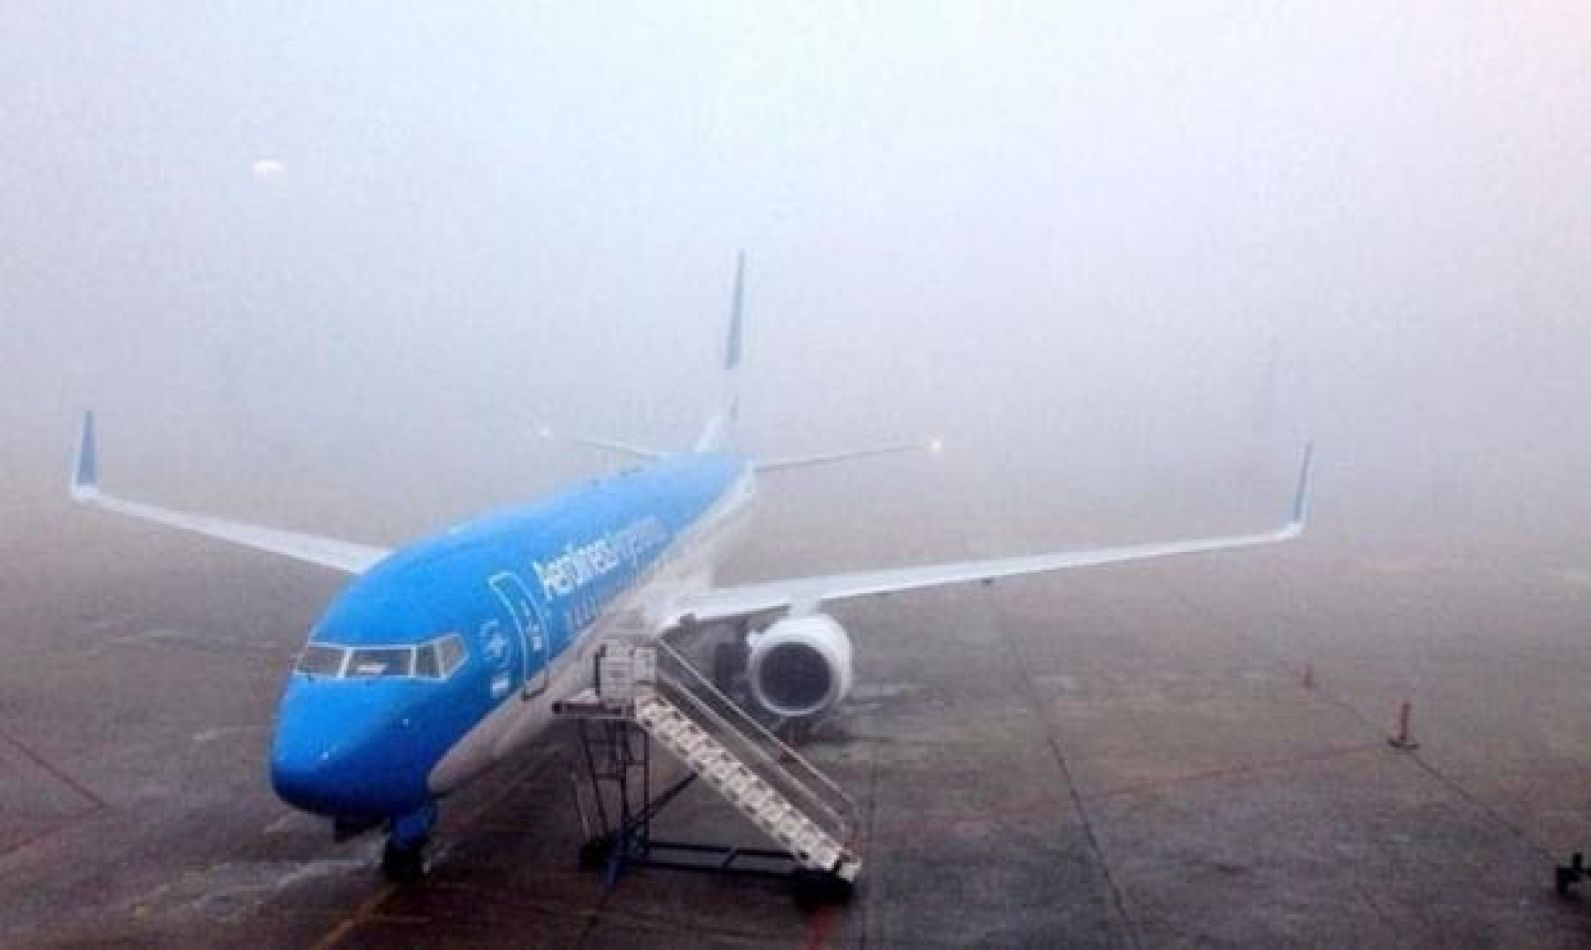 Fuerte reclamo de gobierno ante Aerolíneas Argentinas y organismos nacionales